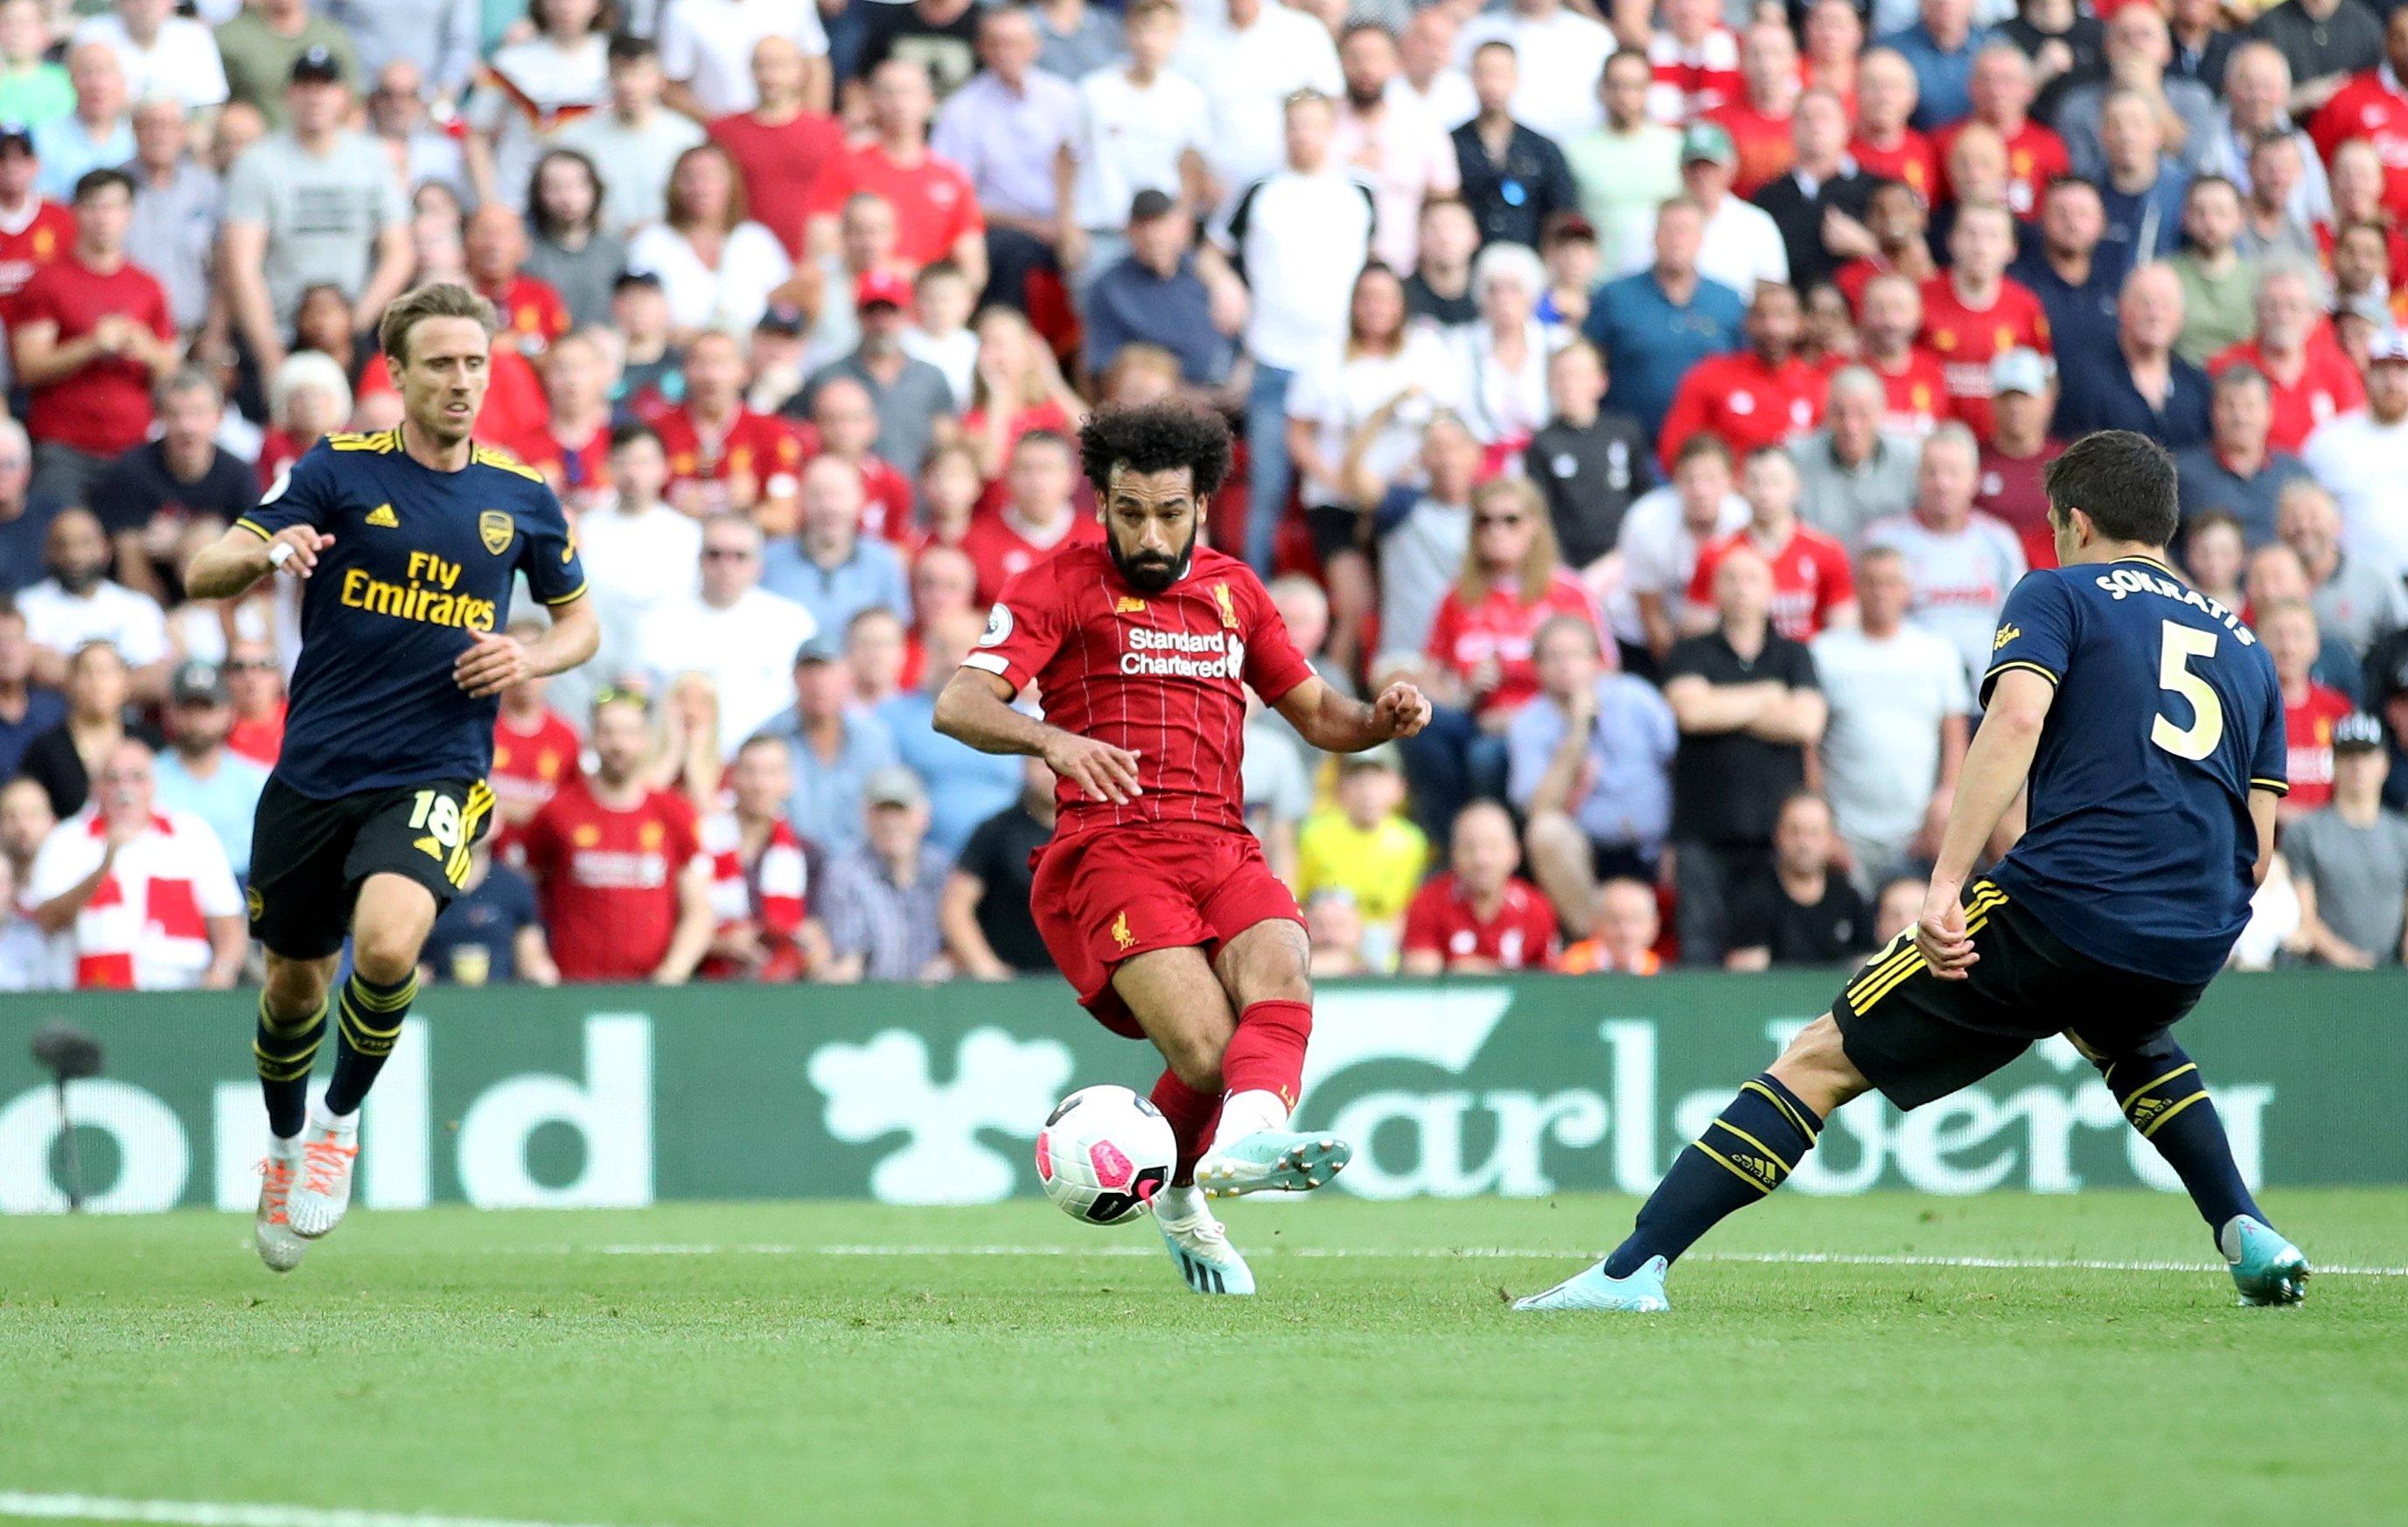 Kết quả bóng đá hôm nay 25/8: Liverpool hủy diệt Arsenal - Hình 1